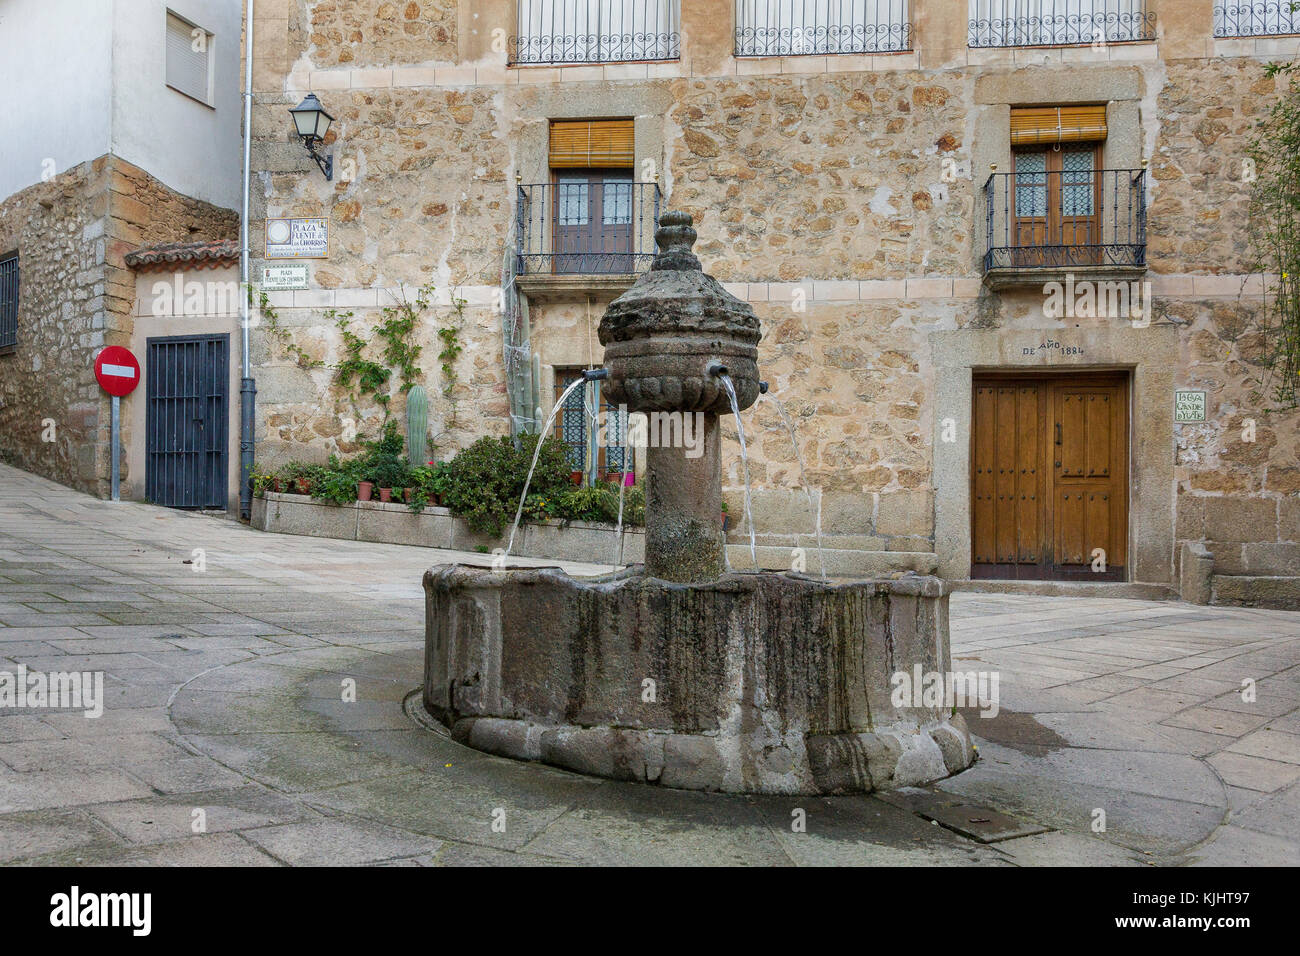 Fuente de Los Cuatro Caños, Brunnen in der Mitte von einem ruhigen, einsamen Platz in garganata la Olla, Extremadura Stockbild